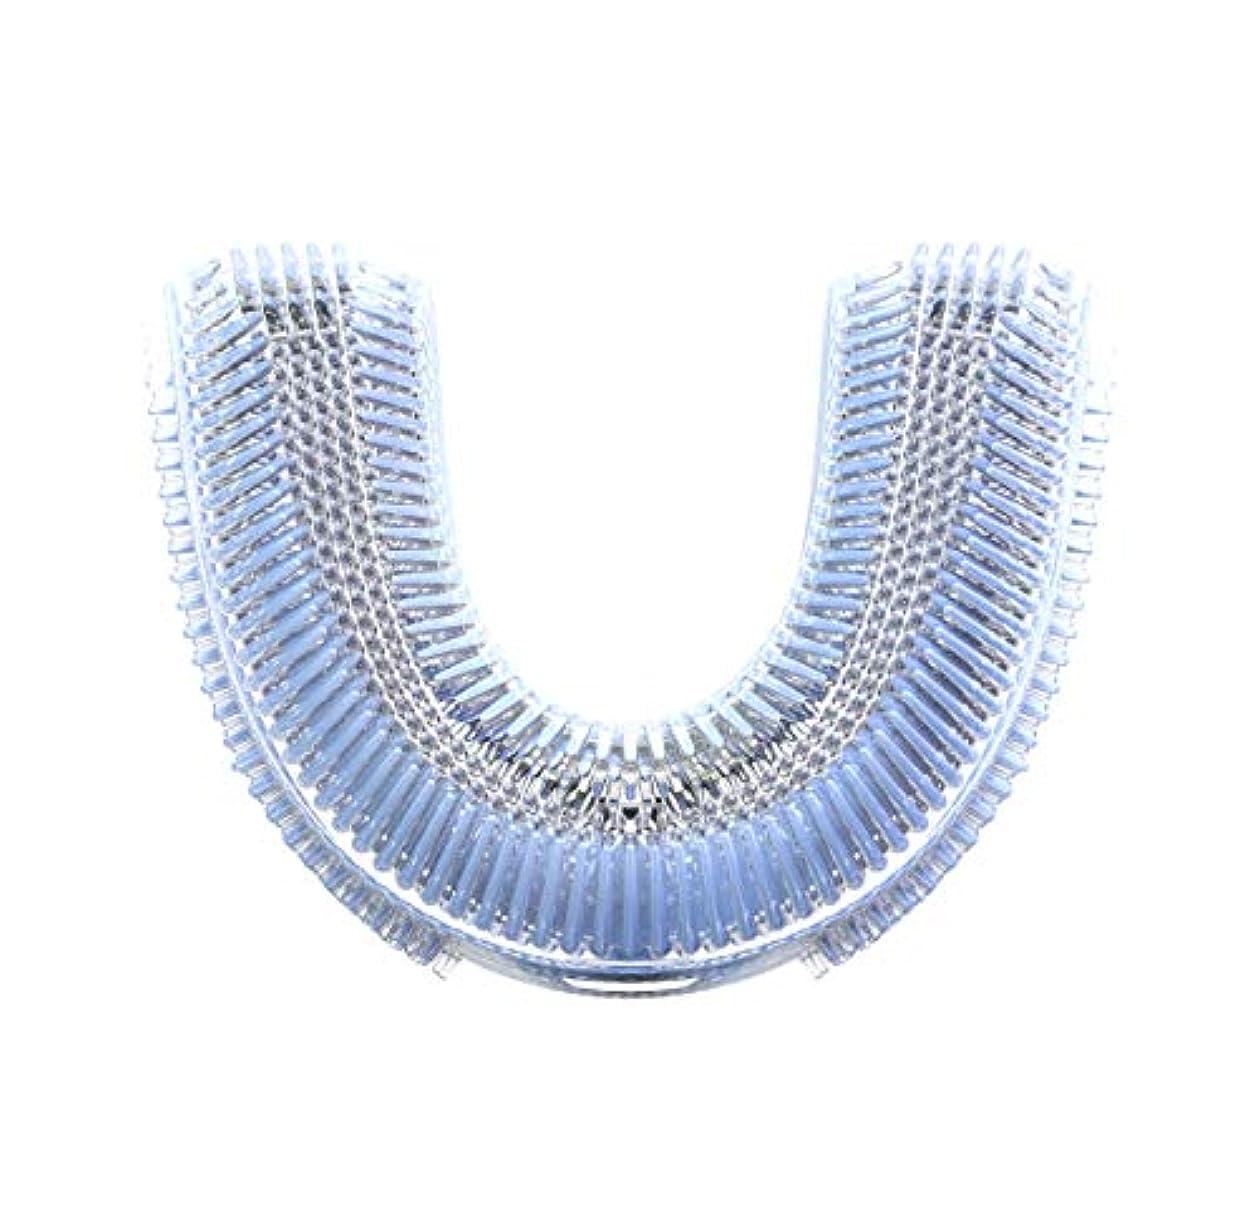 例示するガウンパワーセルGideaTech 四代目ブラシヘッド 日本製 口腔洗浄器 電動歯ブラシ 音波振動歯ブラシ用 U型ブラシヘッド